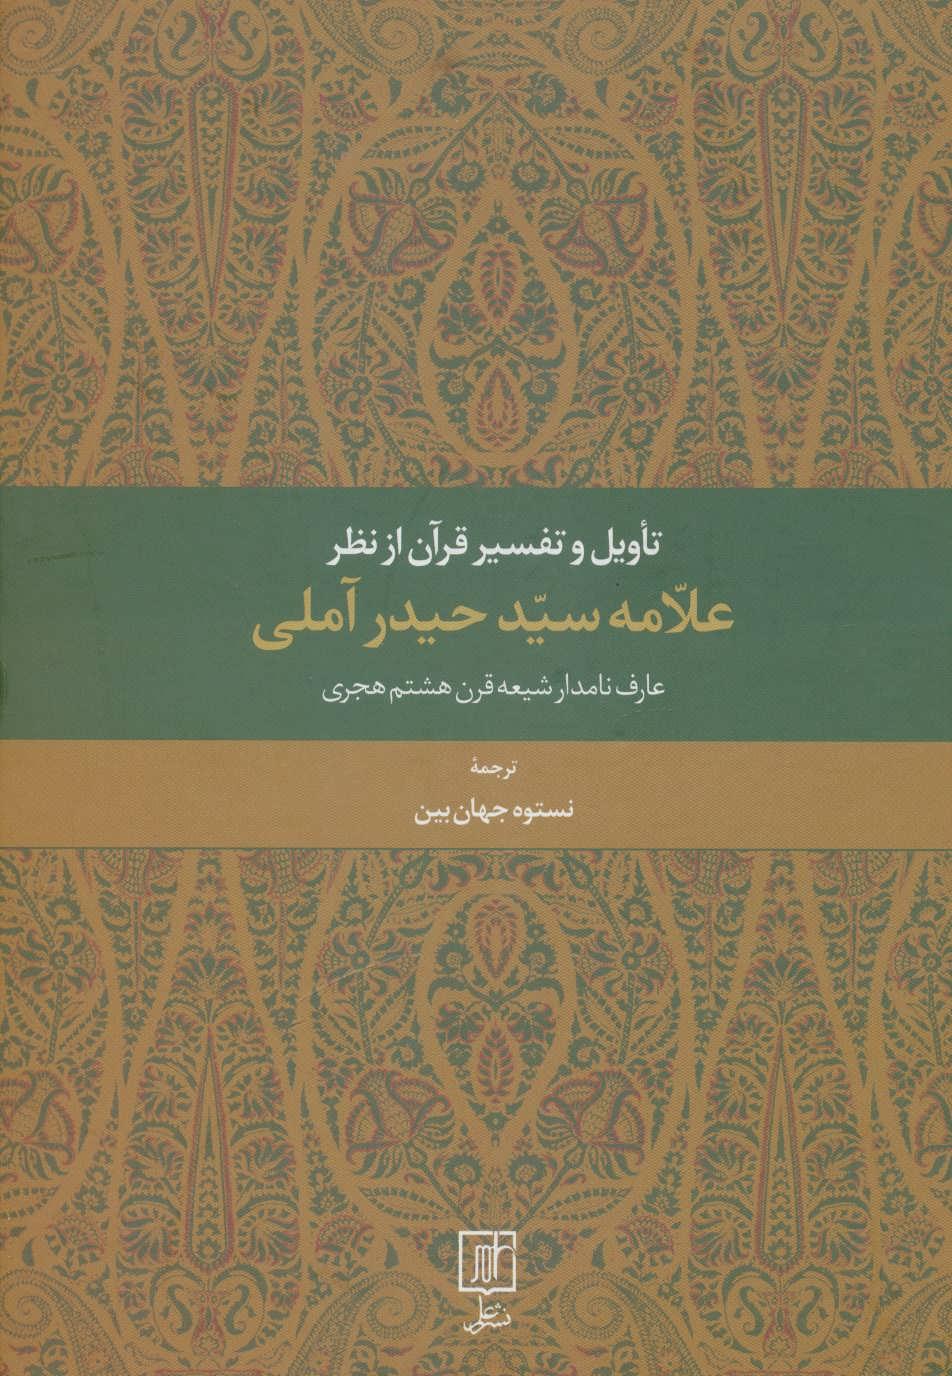 کتاب تاویل و تفسیر قرآن